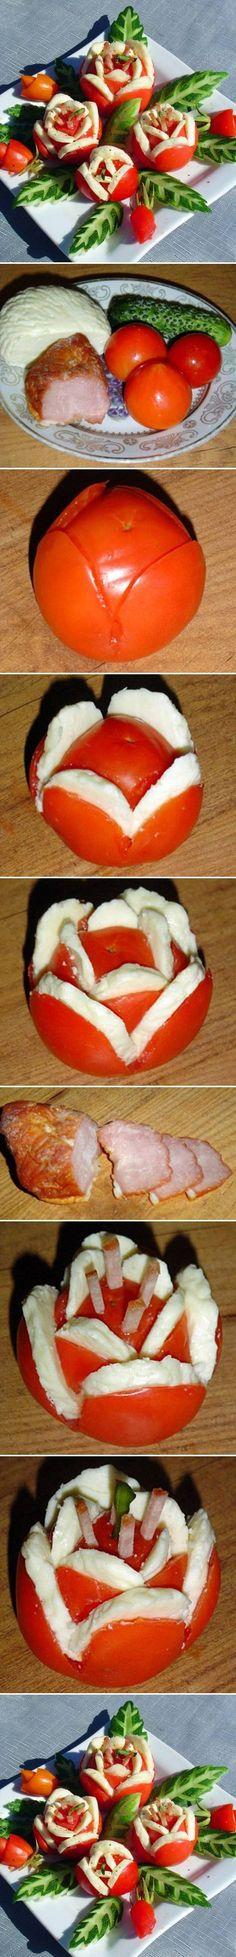 DIY Tomato Dish Decor